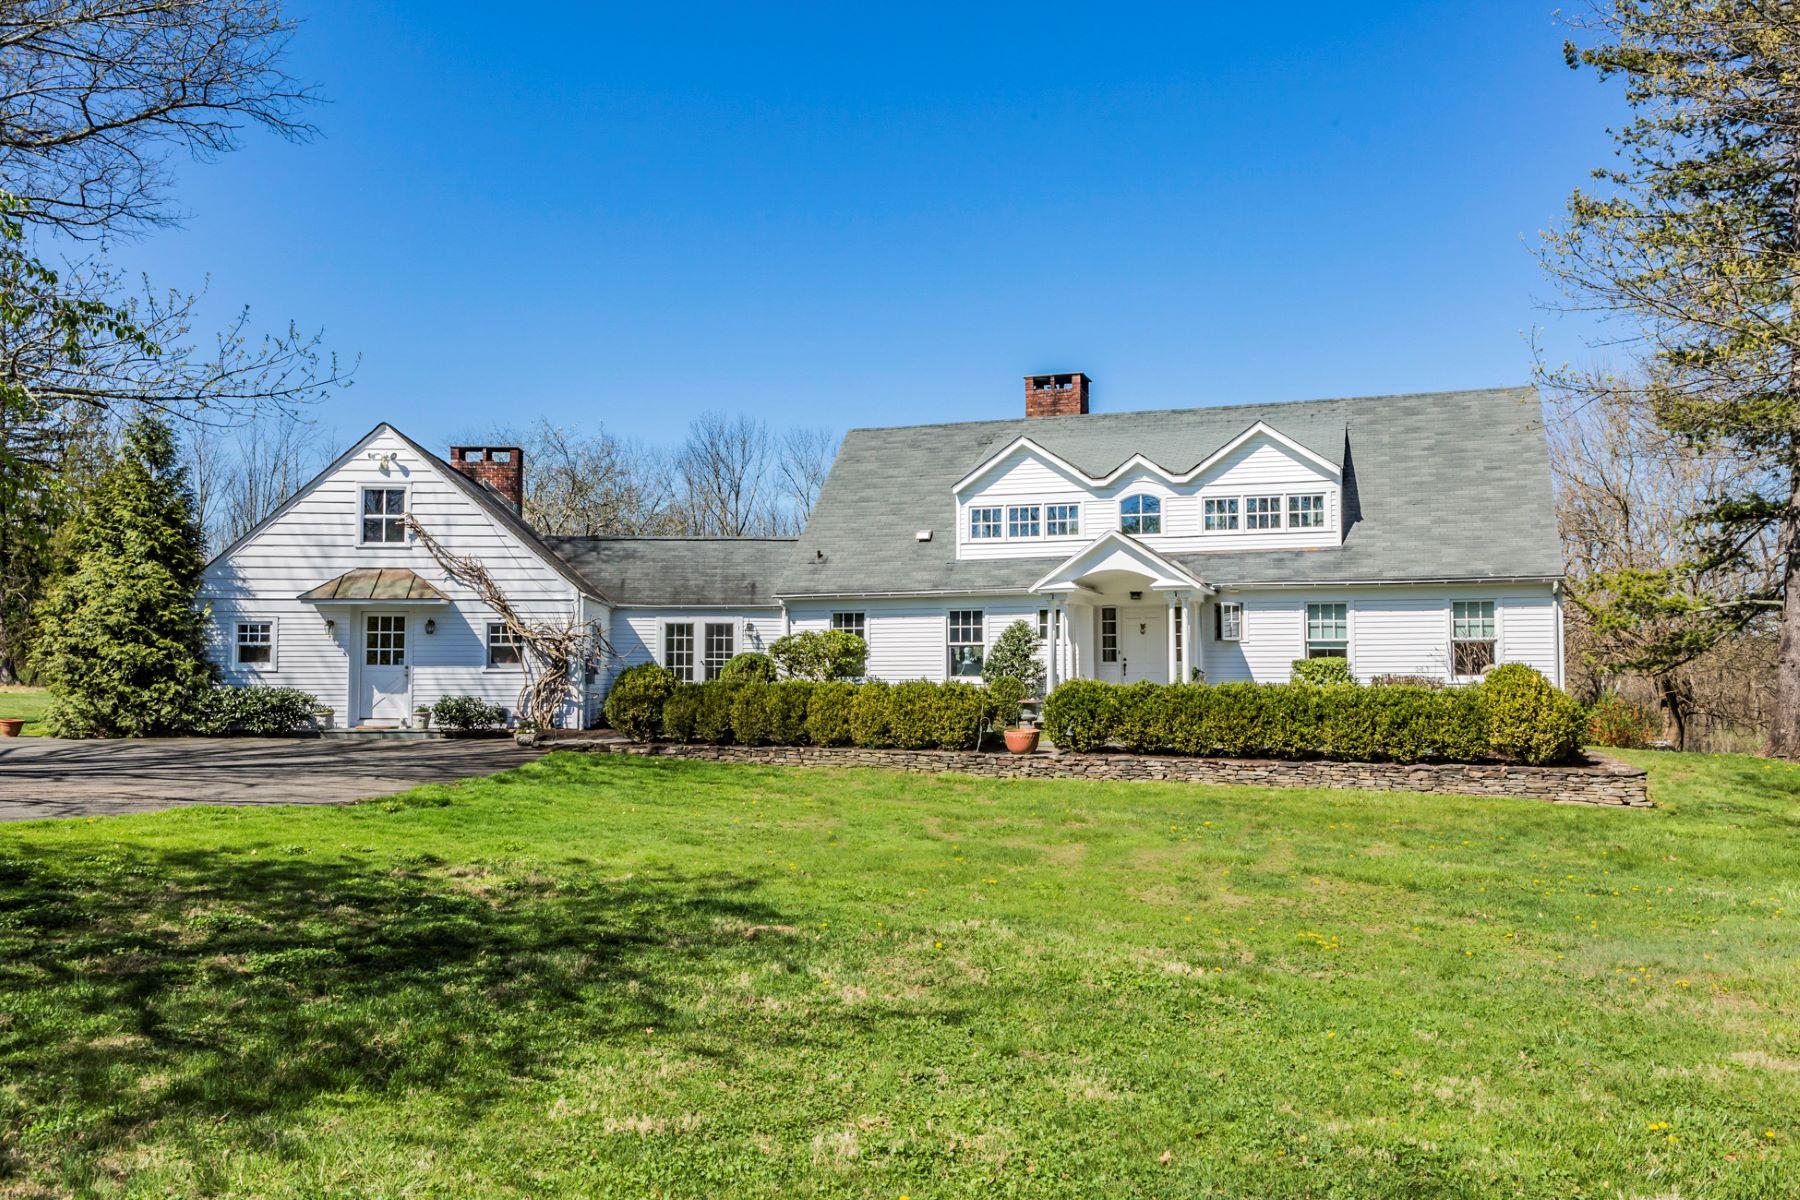 Maison unifamiliale pour l Vente à Great House Down A Country Lane - Lawrence Township 233 Carter Road Princeton, New Jersey, 08540 États-Unis